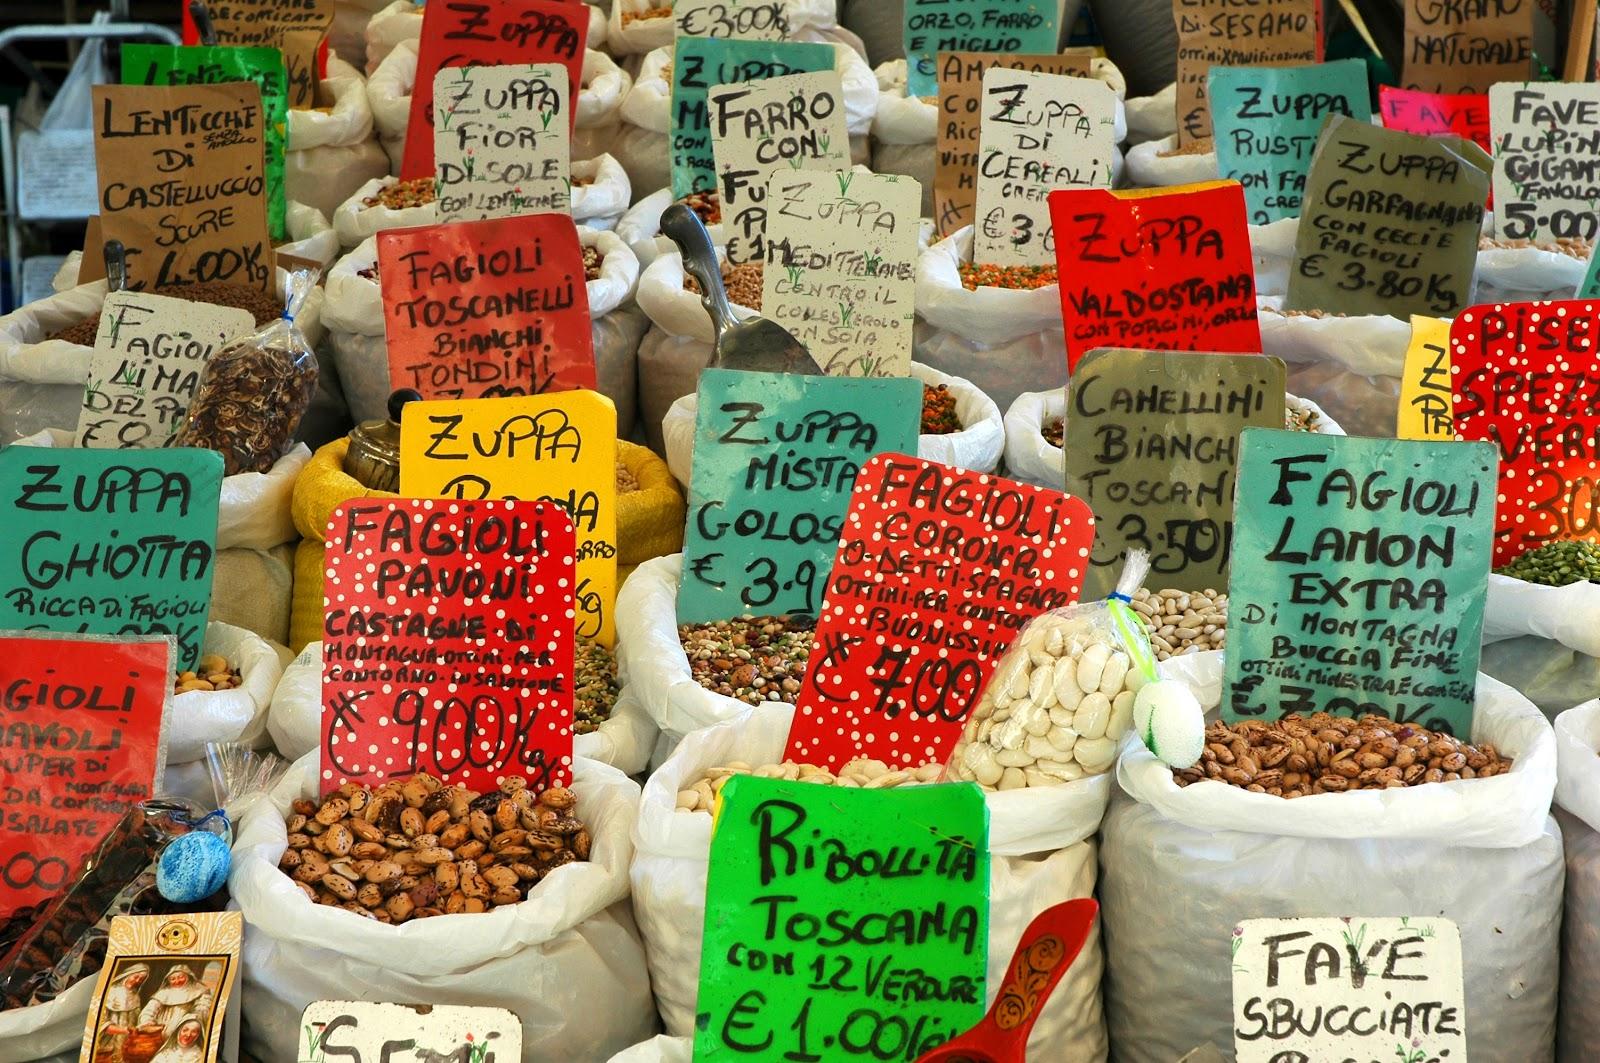 legumes-beans-pulses-mediterranean-diet